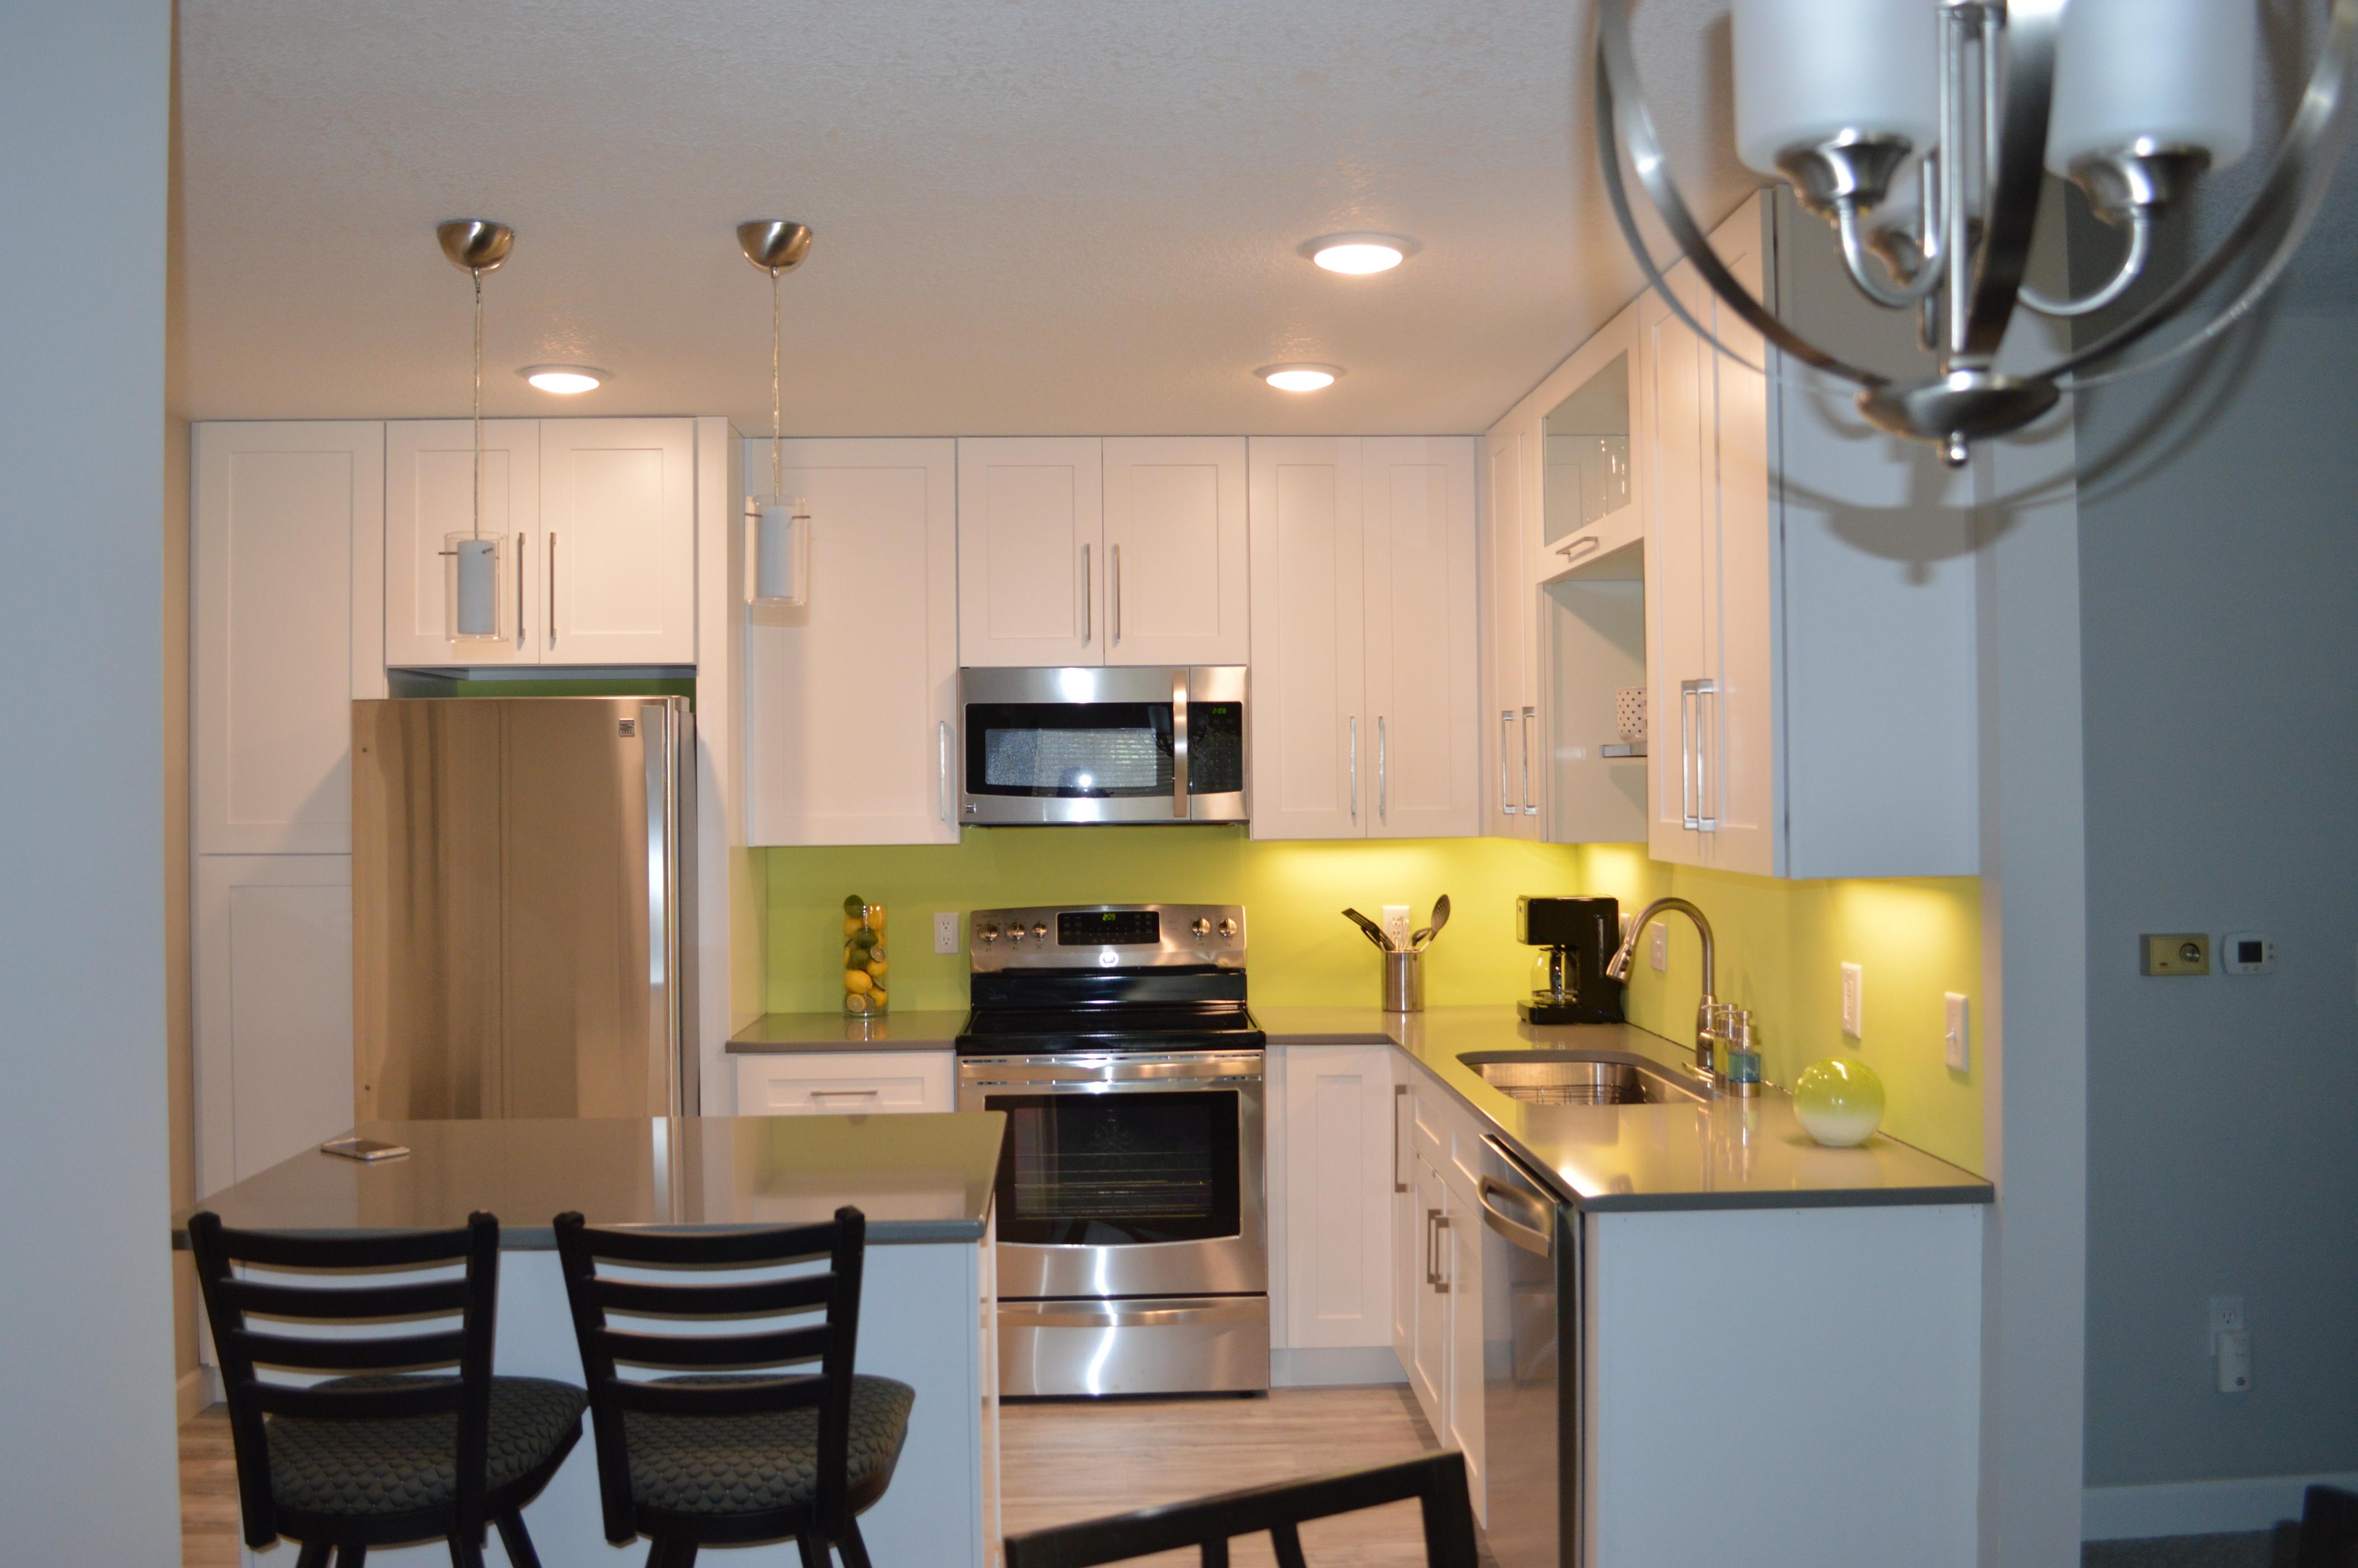 kitchen design for blanco u dsi depot kohler bathroom kitchens of essex sink cabinet and captivating bathrooms